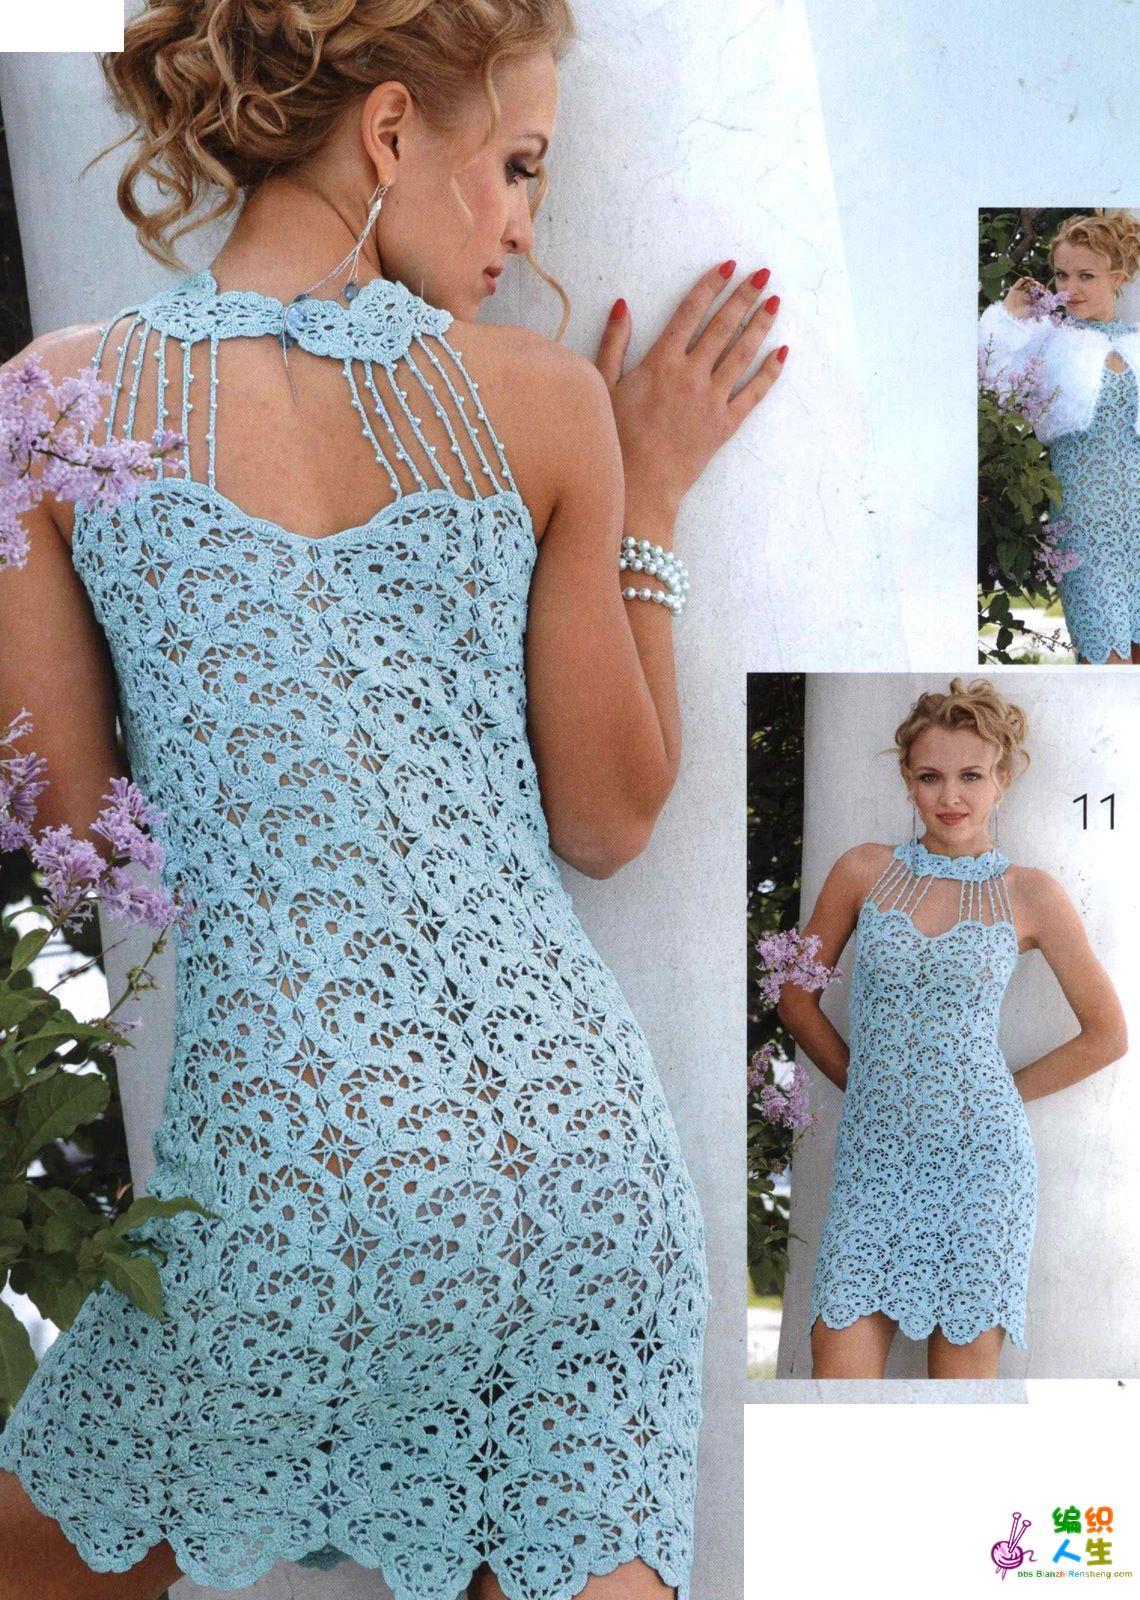 croch e outras coisitas vestido de croch azul